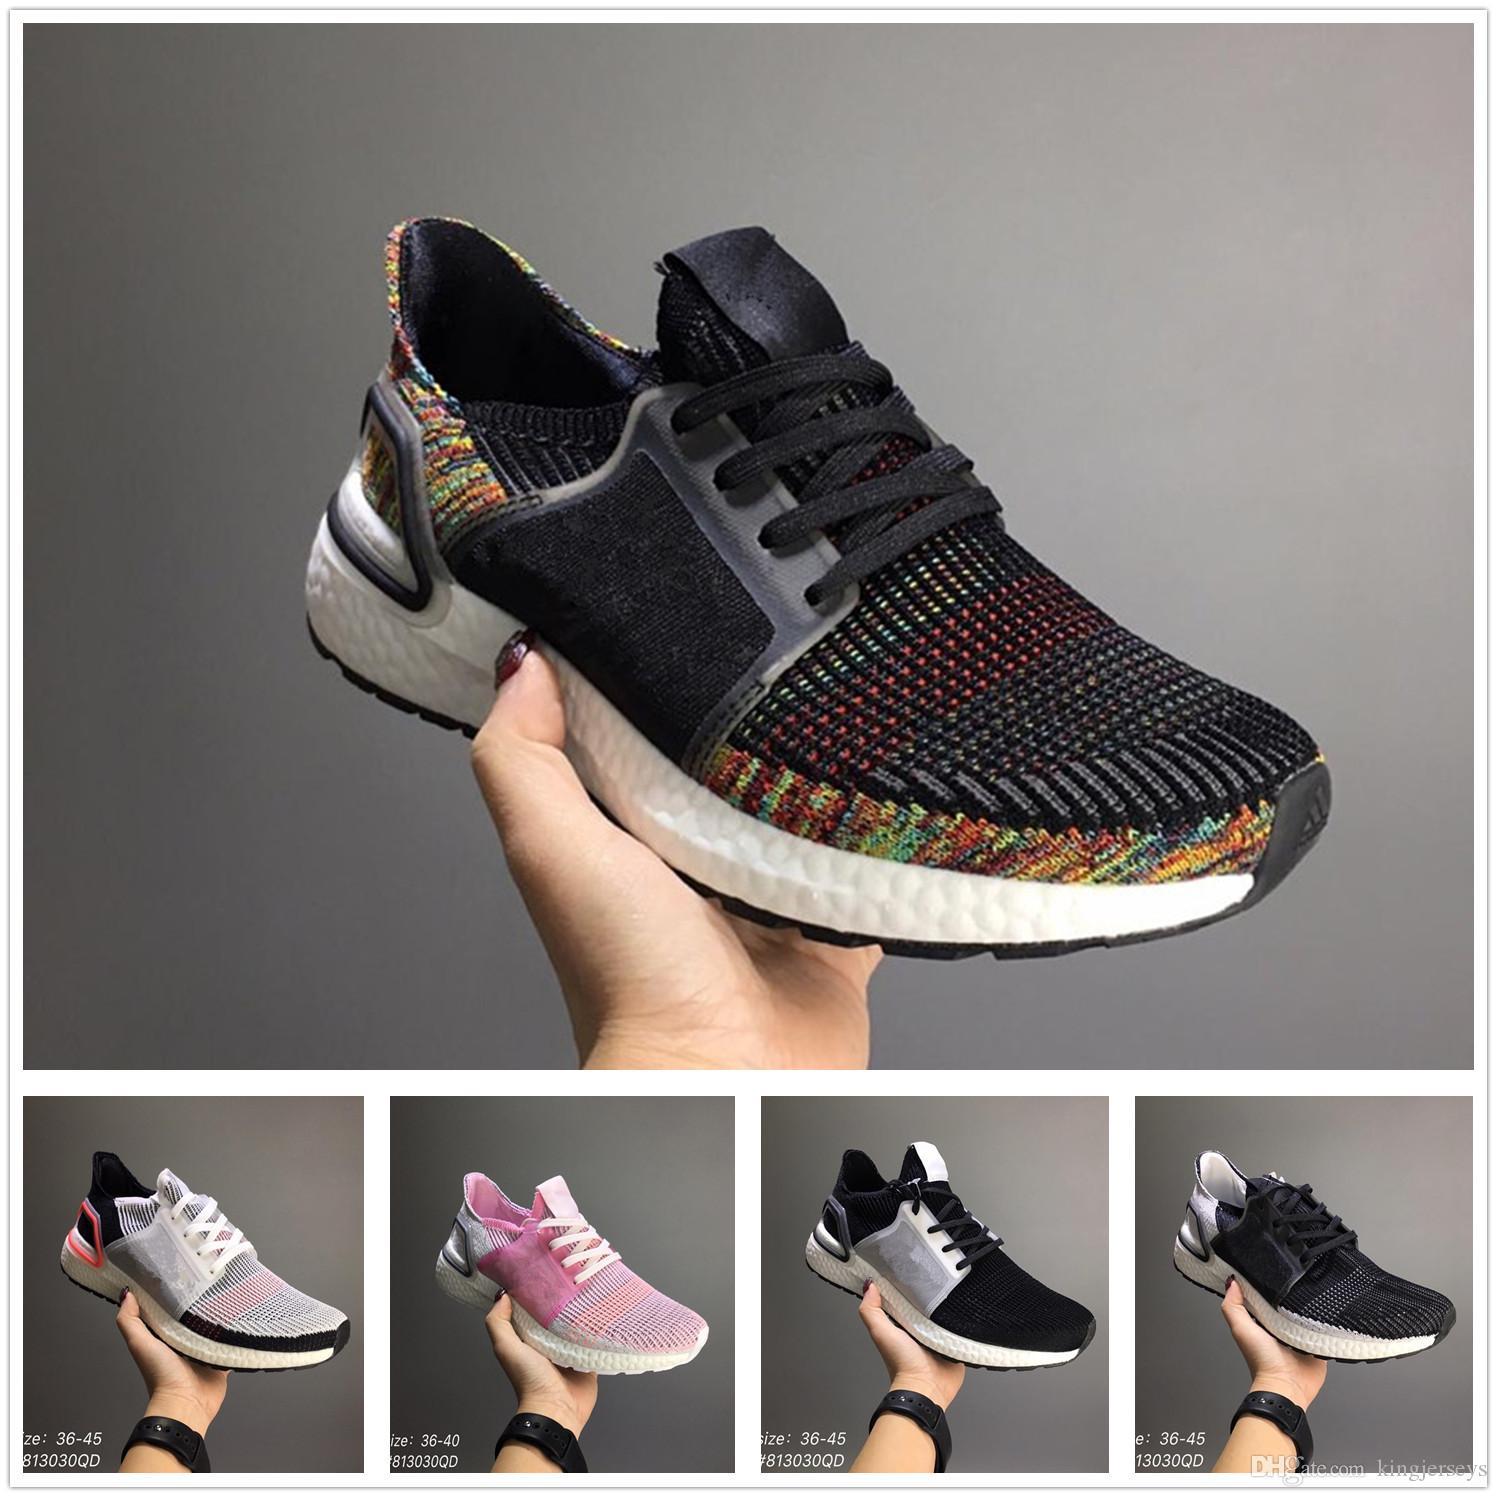 3924330aa5191 2019 New Top UltraBoost 19 Men Women Running Shoes Ultraboost 5.0 Laser Red  Dark Pixel Core Black Ultraboosts Trainer Sport Sneaker Size 36 45 From ...